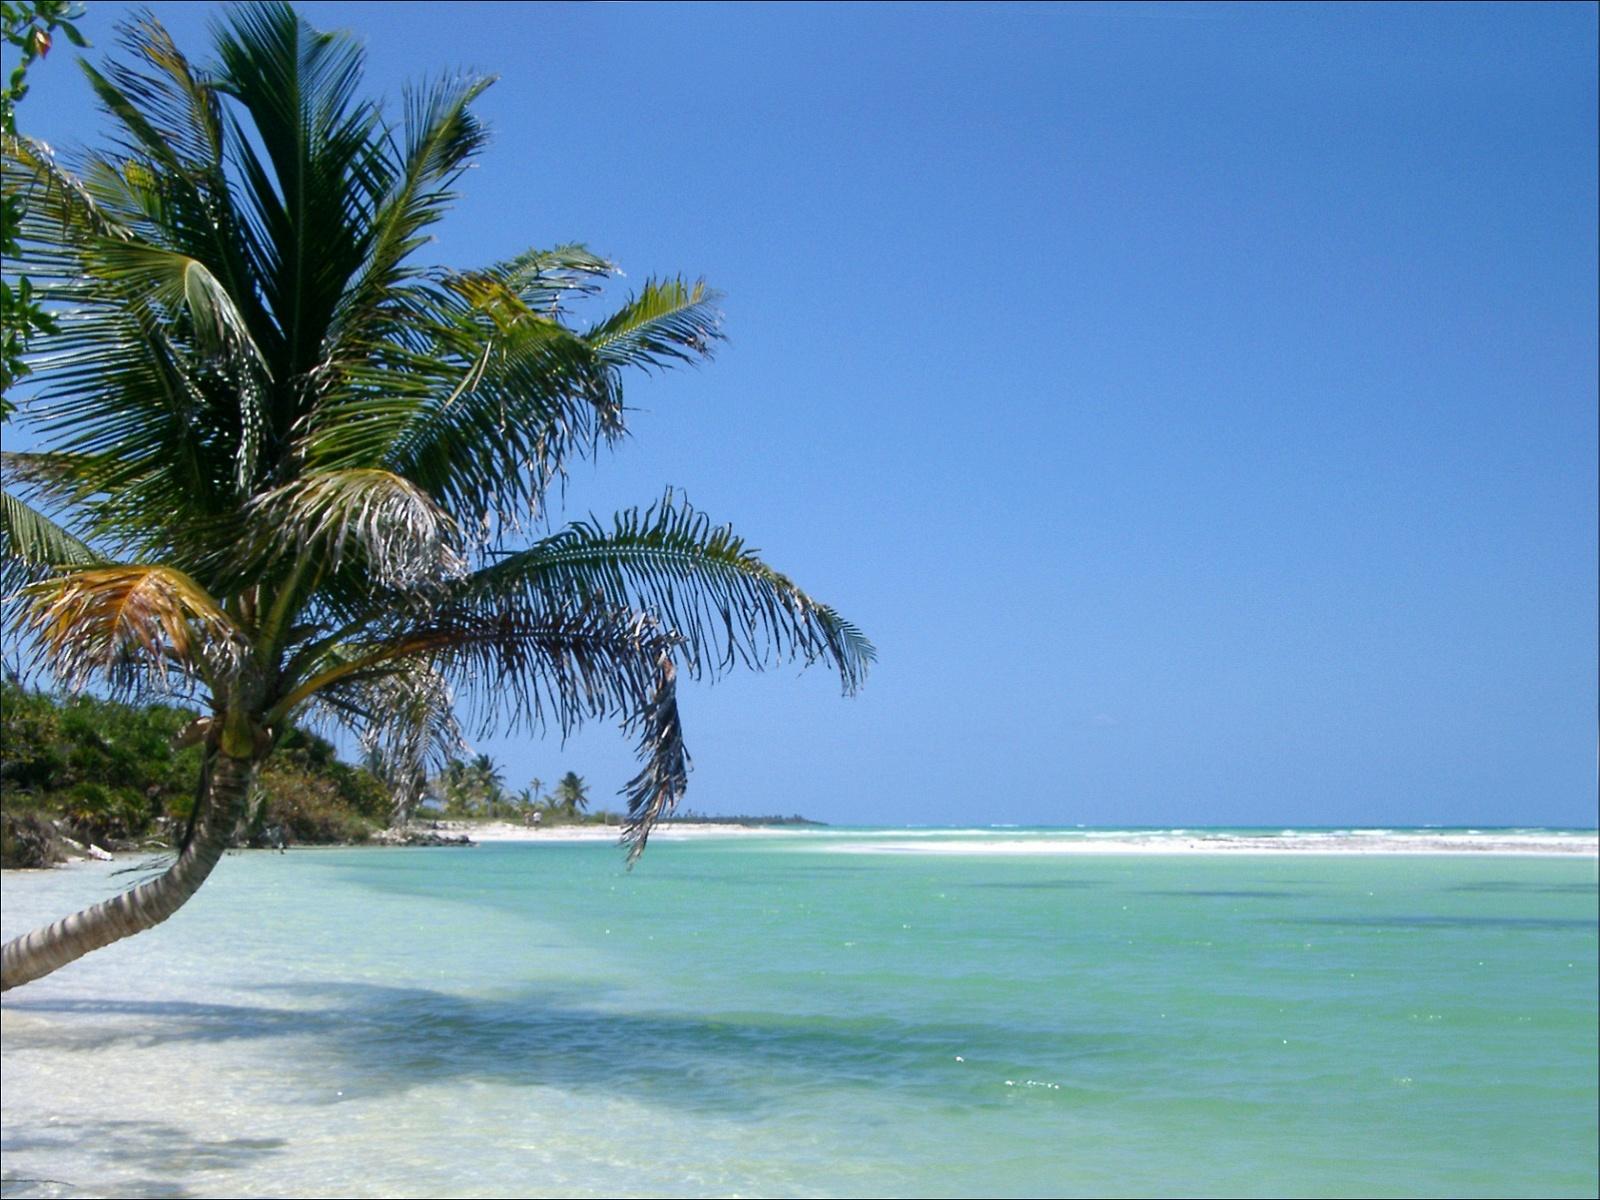 http://2.bp.blogspot.com/-EEC1-27KU6s/TmL801PELzI/AAAAAAAADgY/uFtp9T6gE6A/s1600/Beach+wallpapers1.jpg